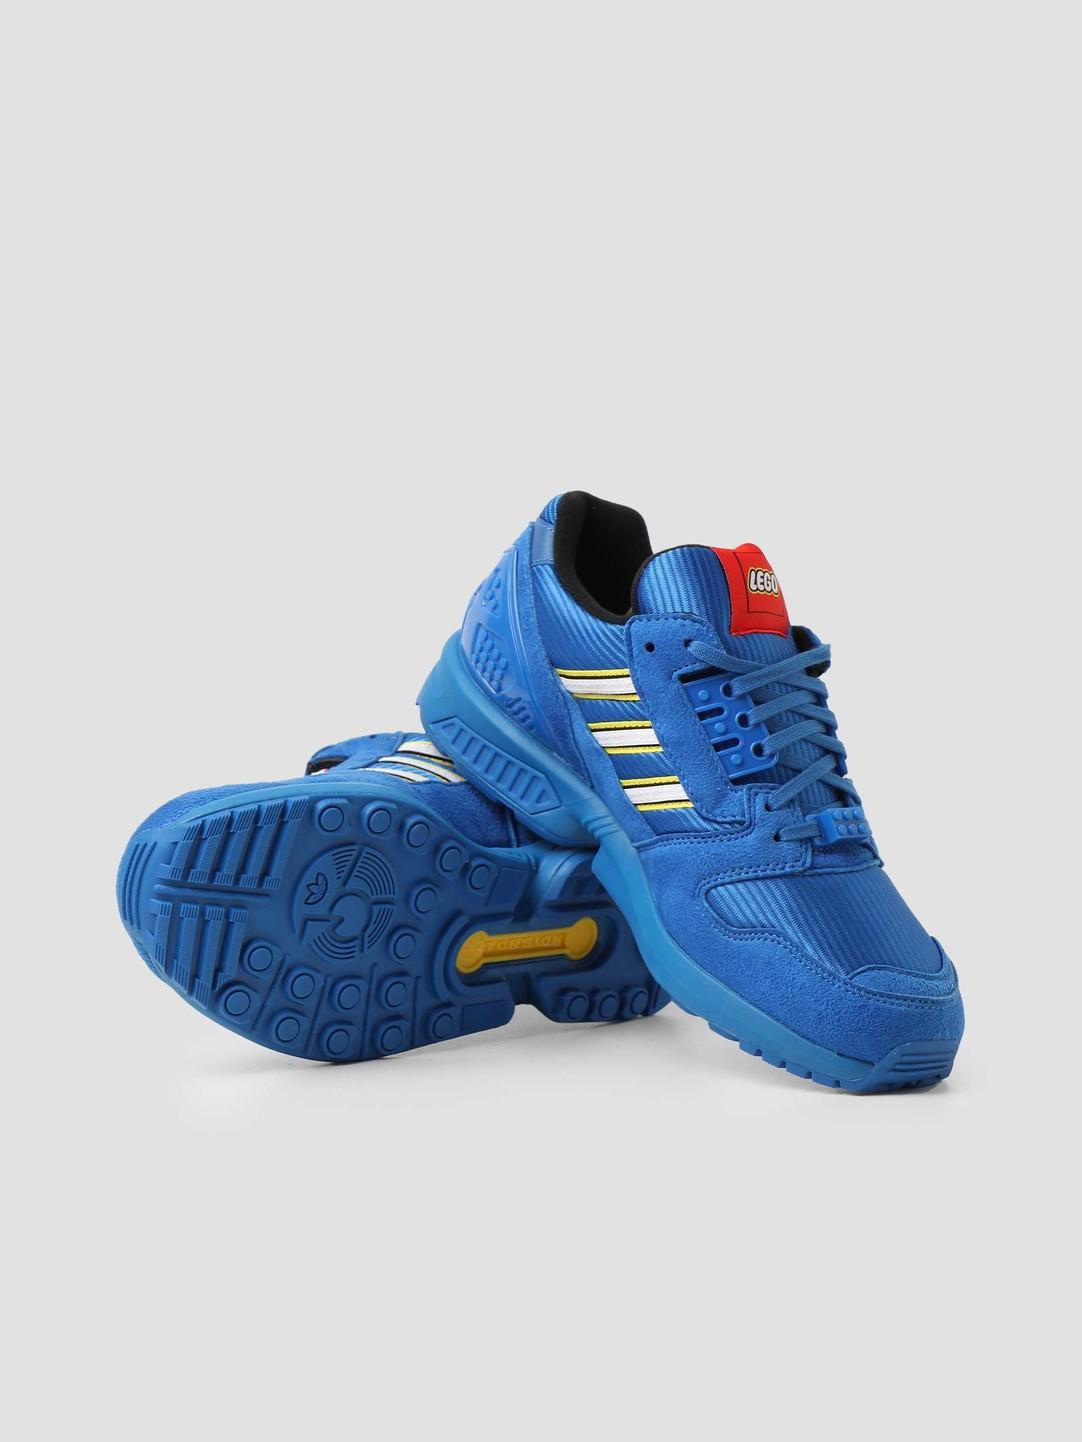 adidas adidas ZX 8000 Lego Royal Blue Footwear White Royal Blue FY7083